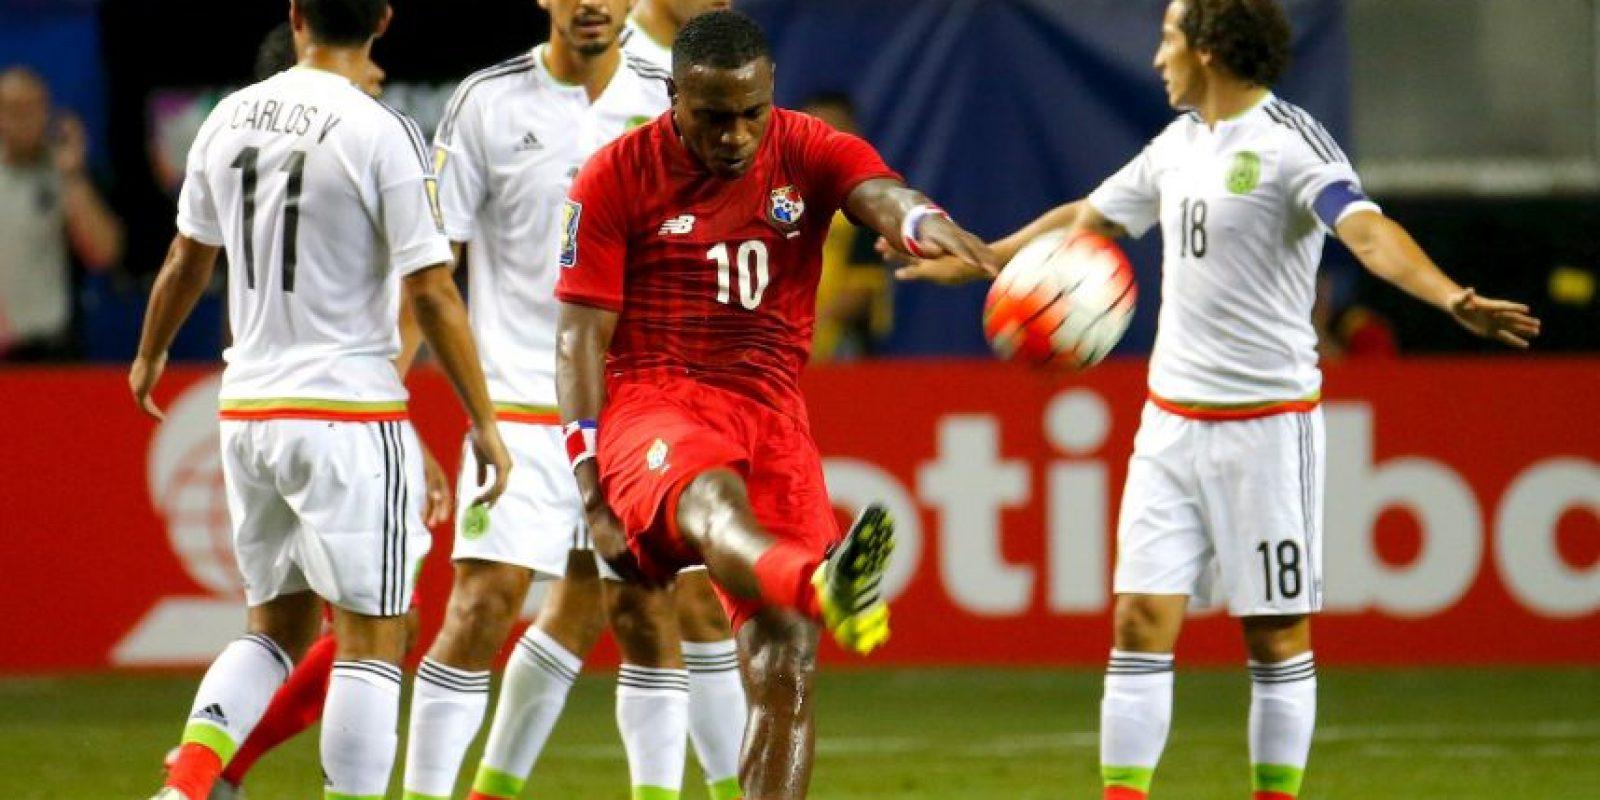 """El """"Tri"""" venció 2-1 a los panameños y avanzó a la final Foto:Getty Images"""